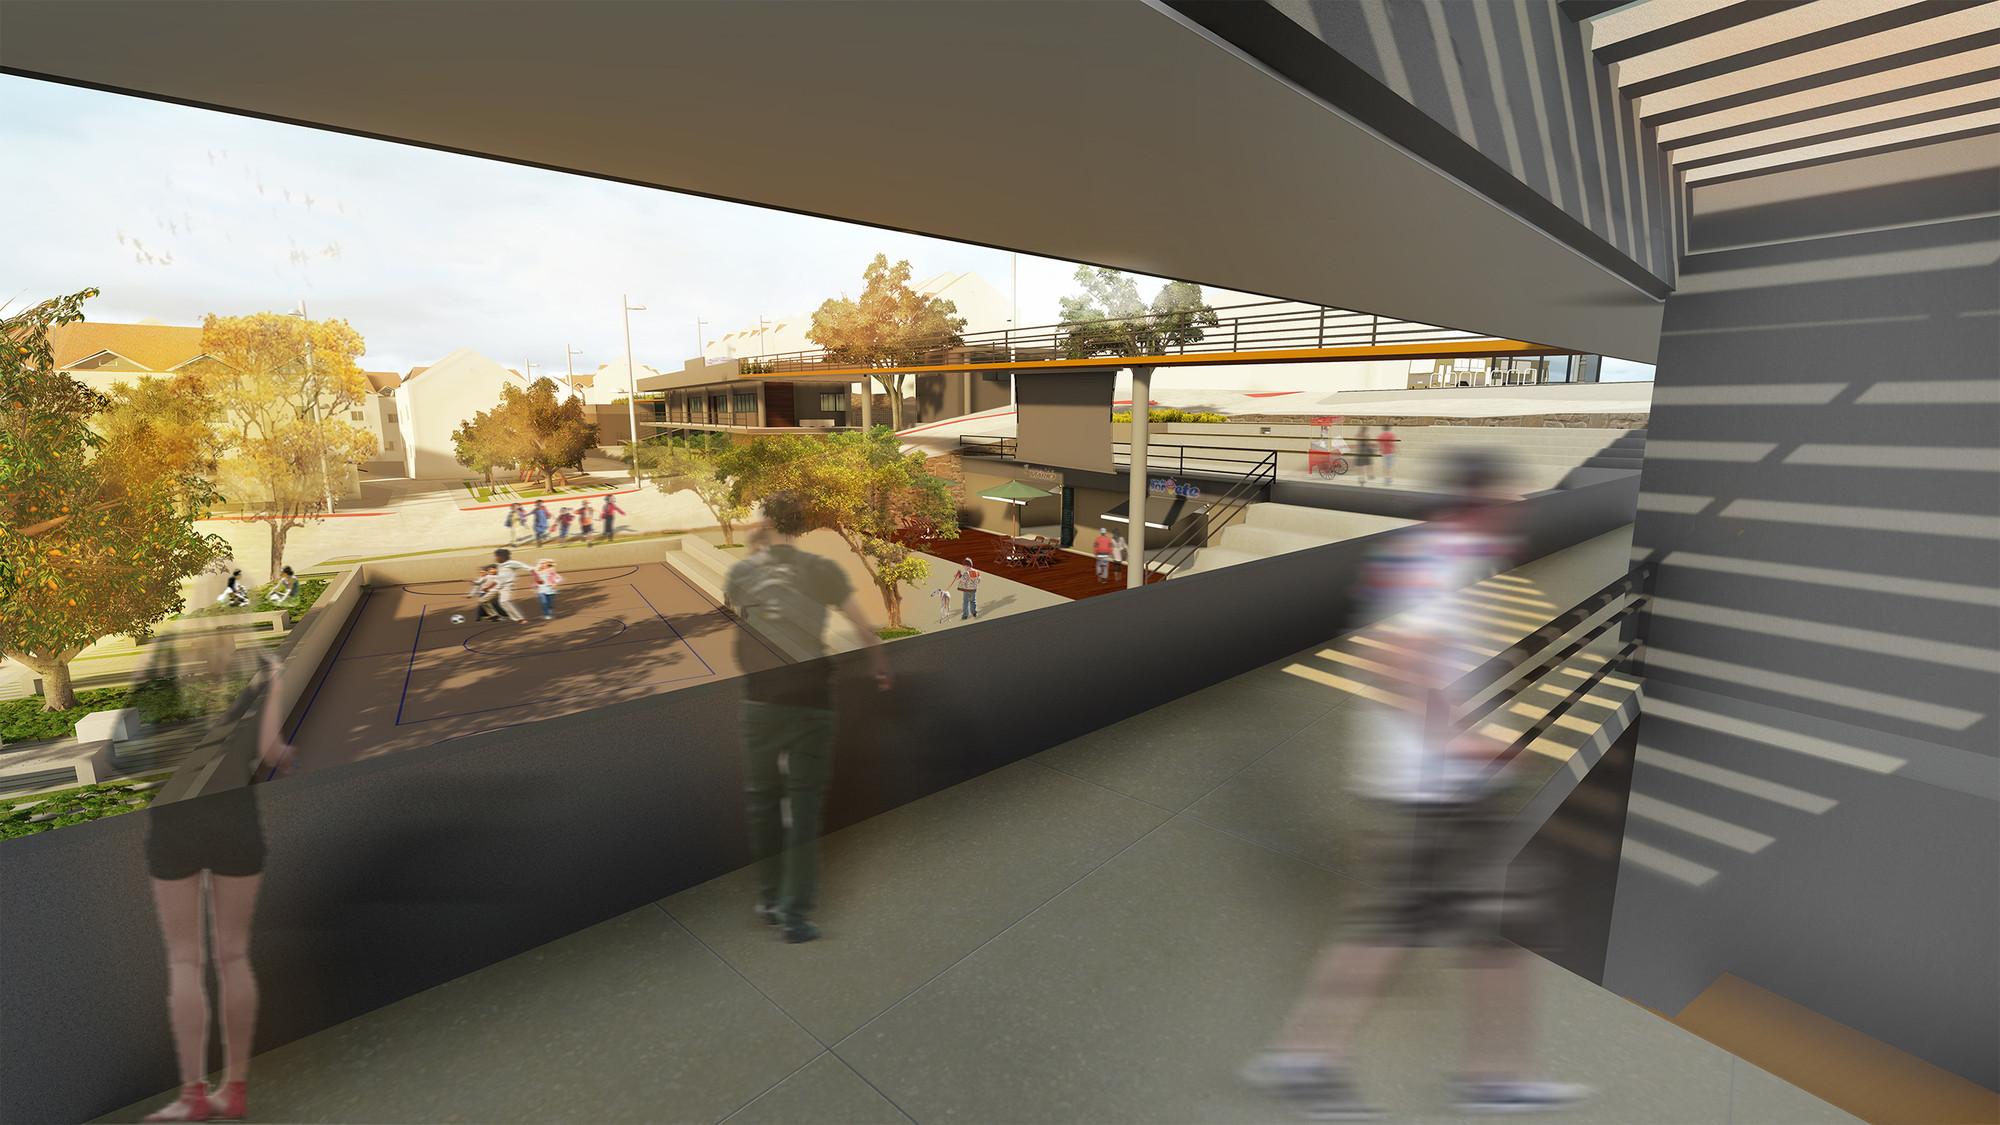 Relación de la edificación y el espacio público. Image Courtesy of Mariana Morais Luiz